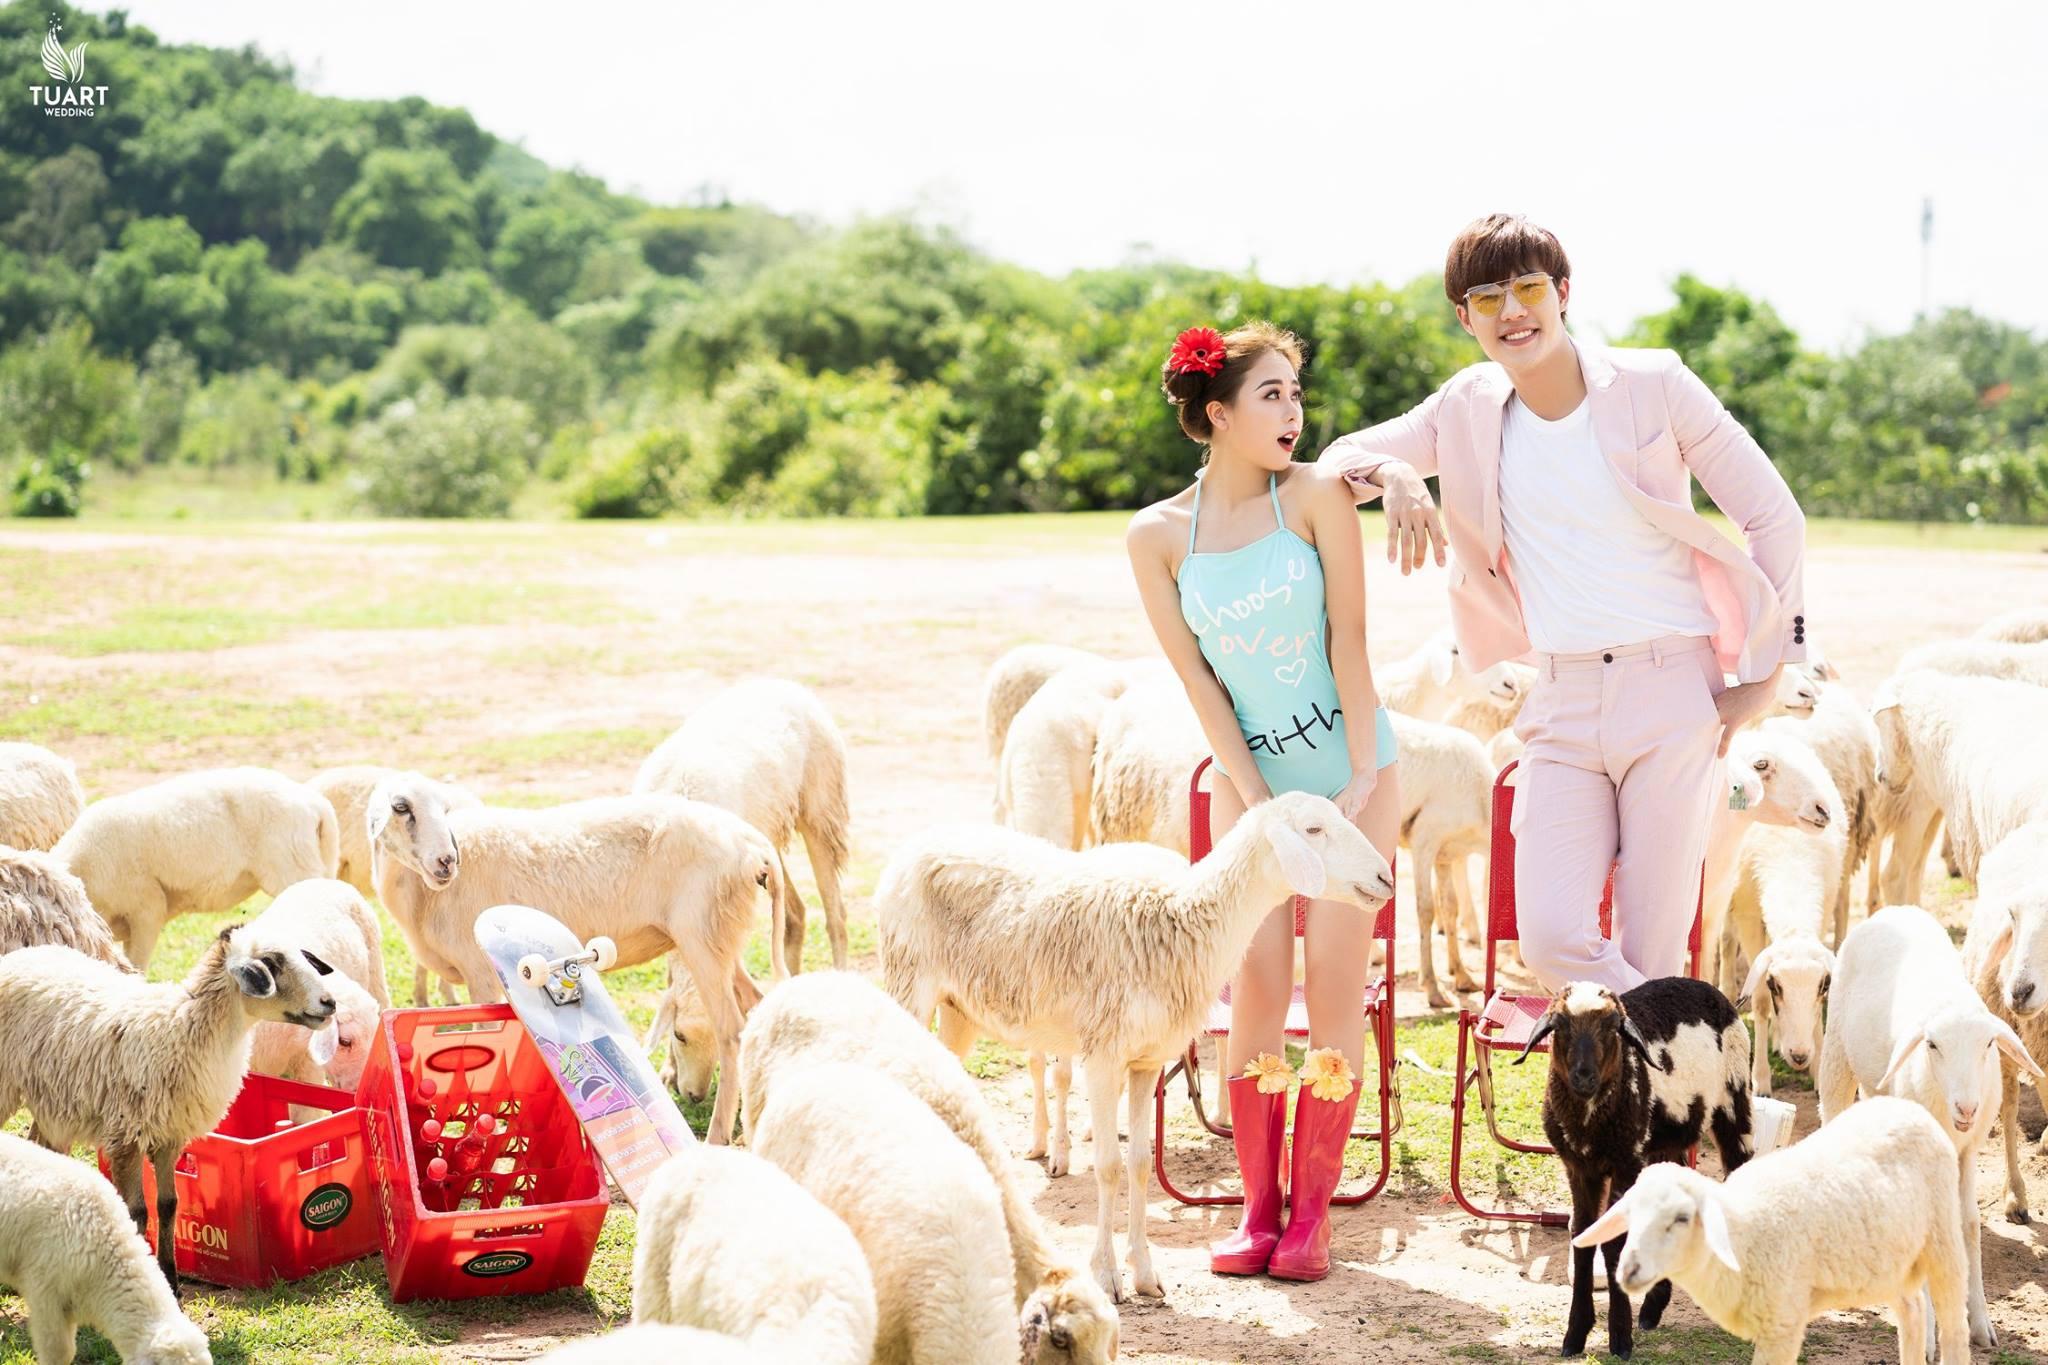 Album tại Hồ Cốc: Tú & Thương – Album hình cưới đẹp tại Vũng Tàu